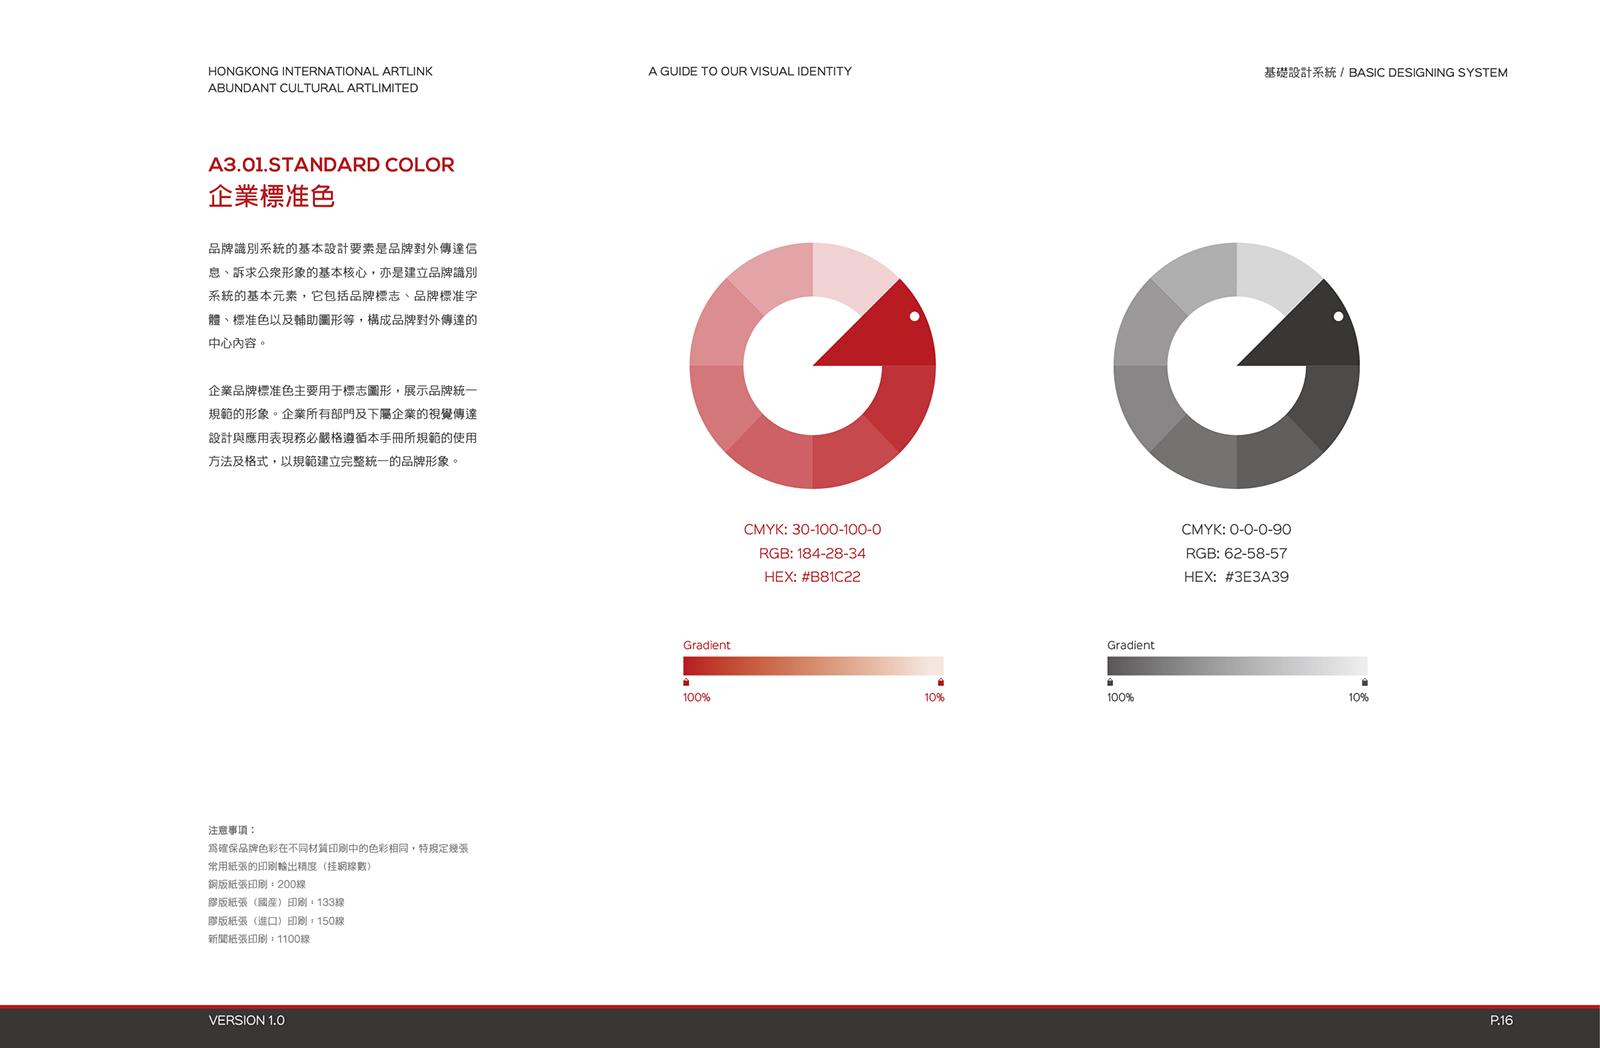 万丰国际集团品牌形象识别设计-深圳VI设计6